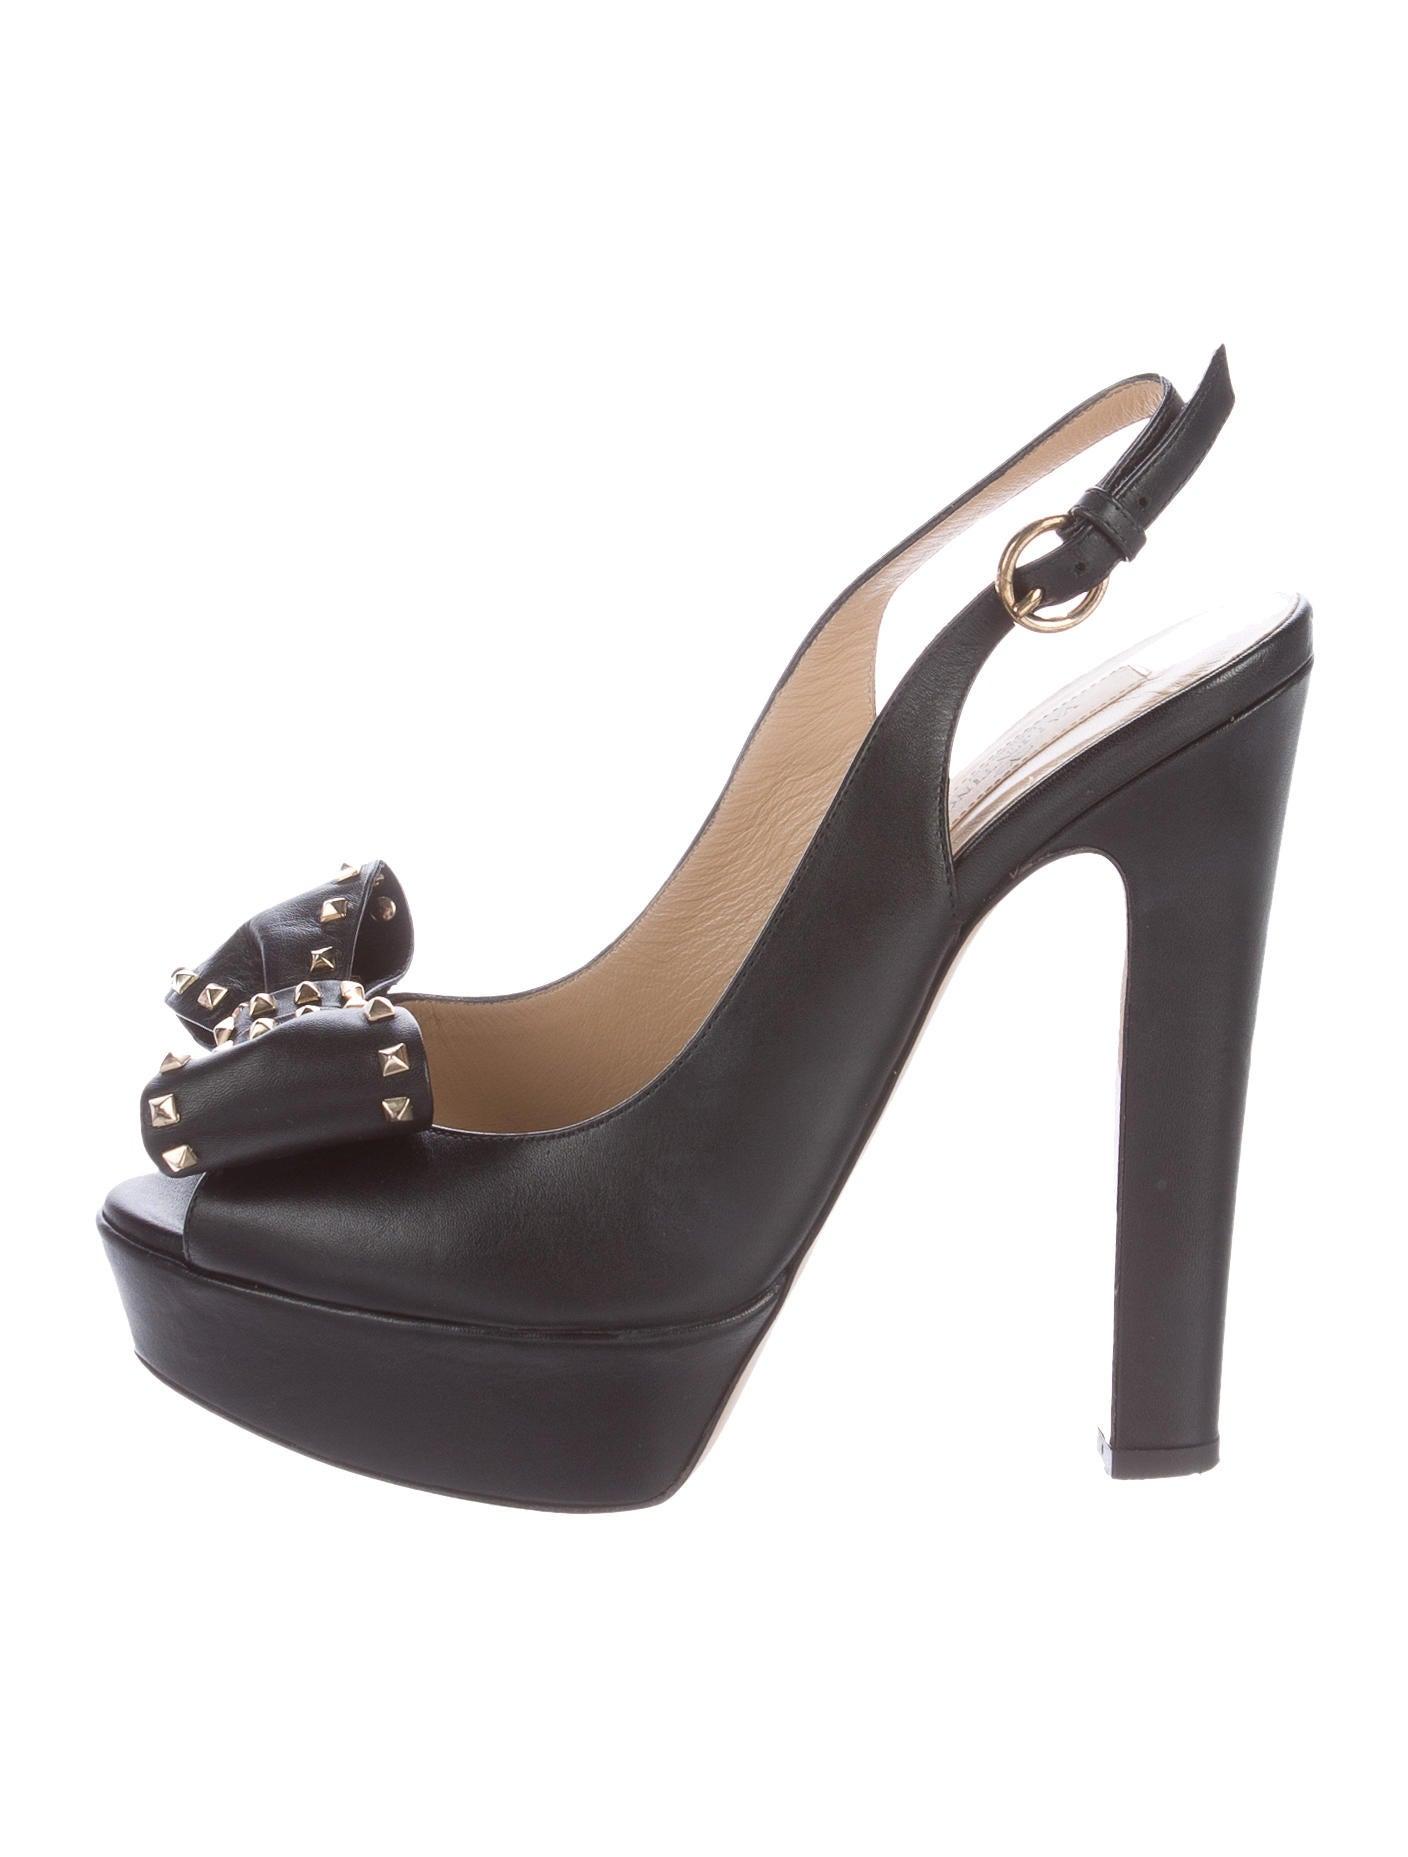 valentino rockstud slingback pumps shoes val63194. Black Bedroom Furniture Sets. Home Design Ideas